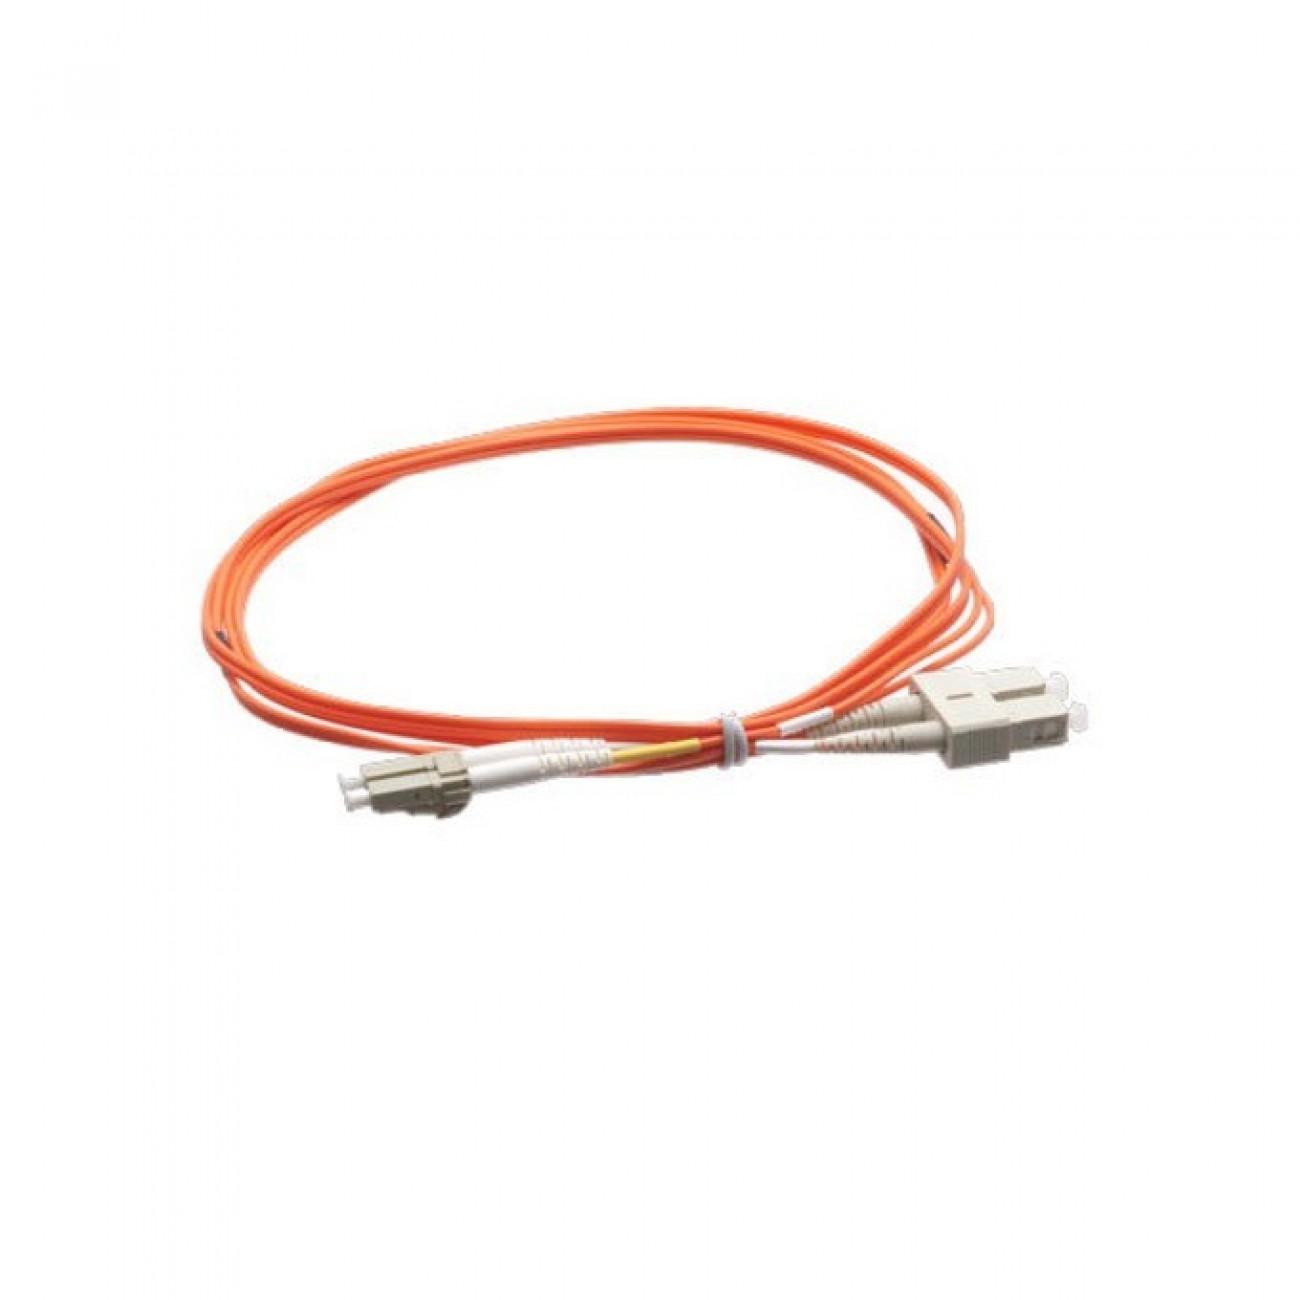 Оптичен пач кабел, LC(м) към SC(м), 50/125, мулти мод, 2m в Свързващи пач оптични кабели -  | Alleop